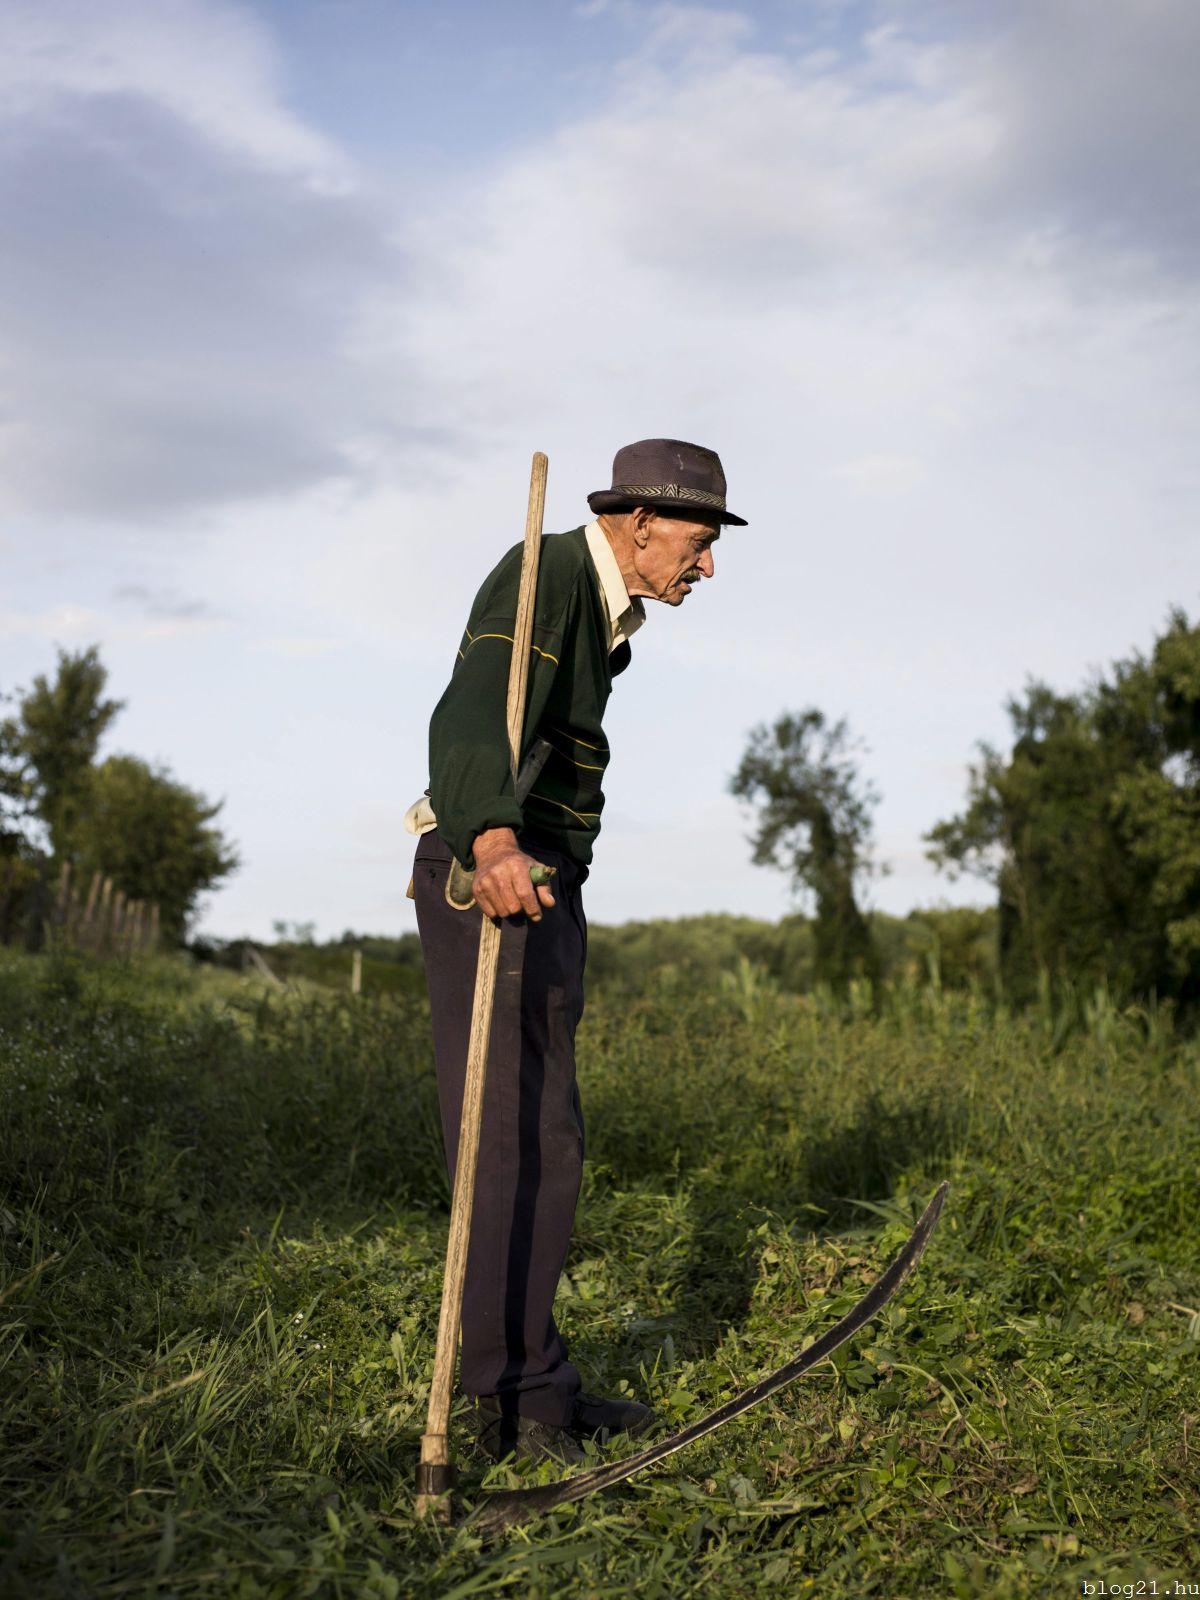 Hirling Bálint, a vs.hu fotóriportere Zsákfalu címû képe, amely elsõ díjat nyert a 34. Magyar Sajtófotó Pályázat emberábrázolás-portré (egyedi) kategóriájában 2016. január 25-én. MTI Fotó: Magyar Sajtófotó Pályázat / Hirling Bálint